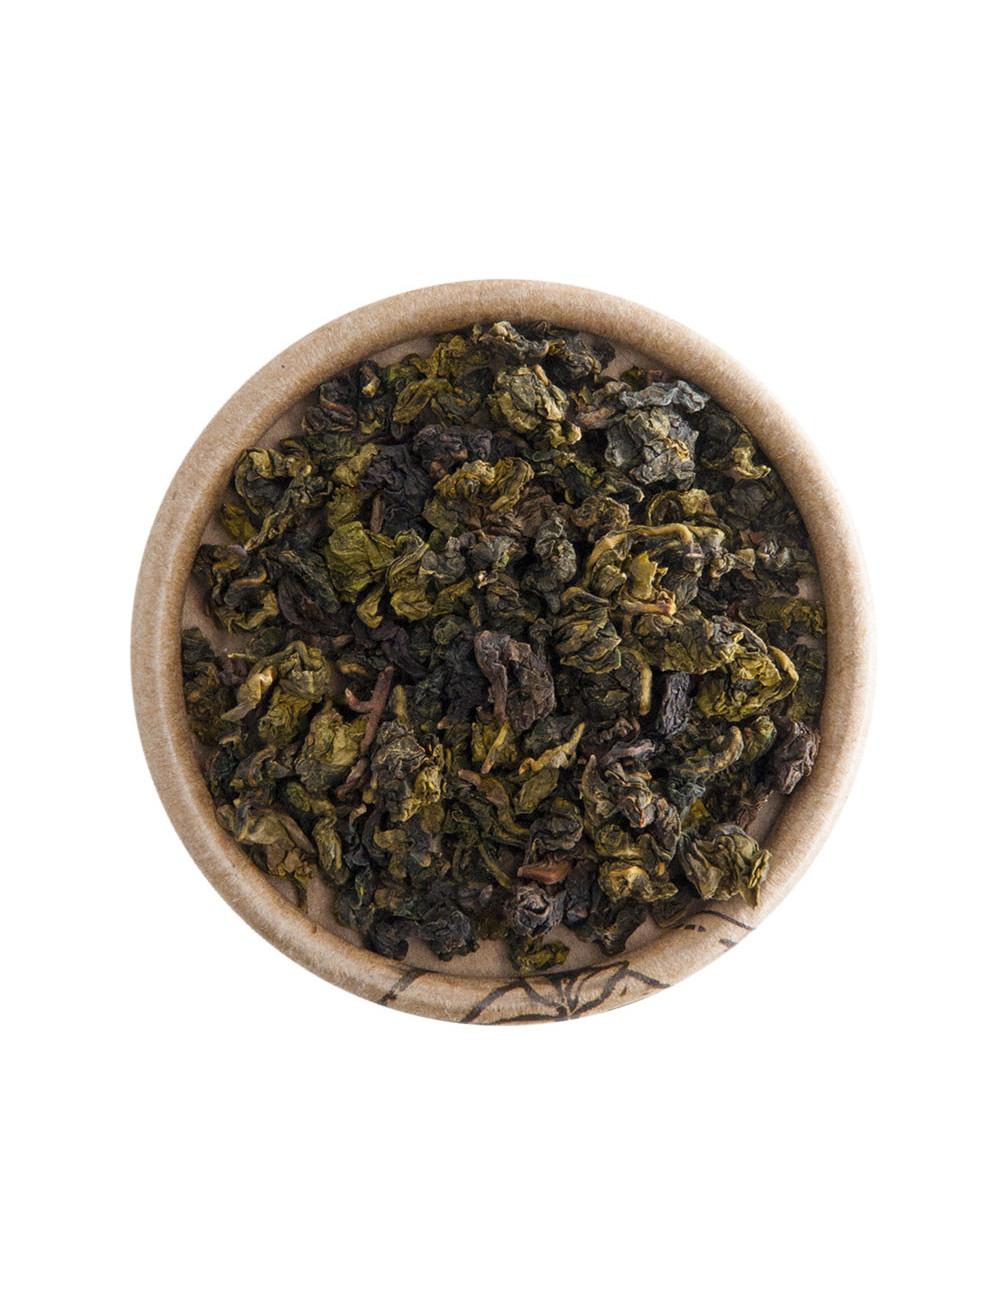 Ti Kuan Yin - Oolong tè blu-verde - La Pianta del Tè shop online